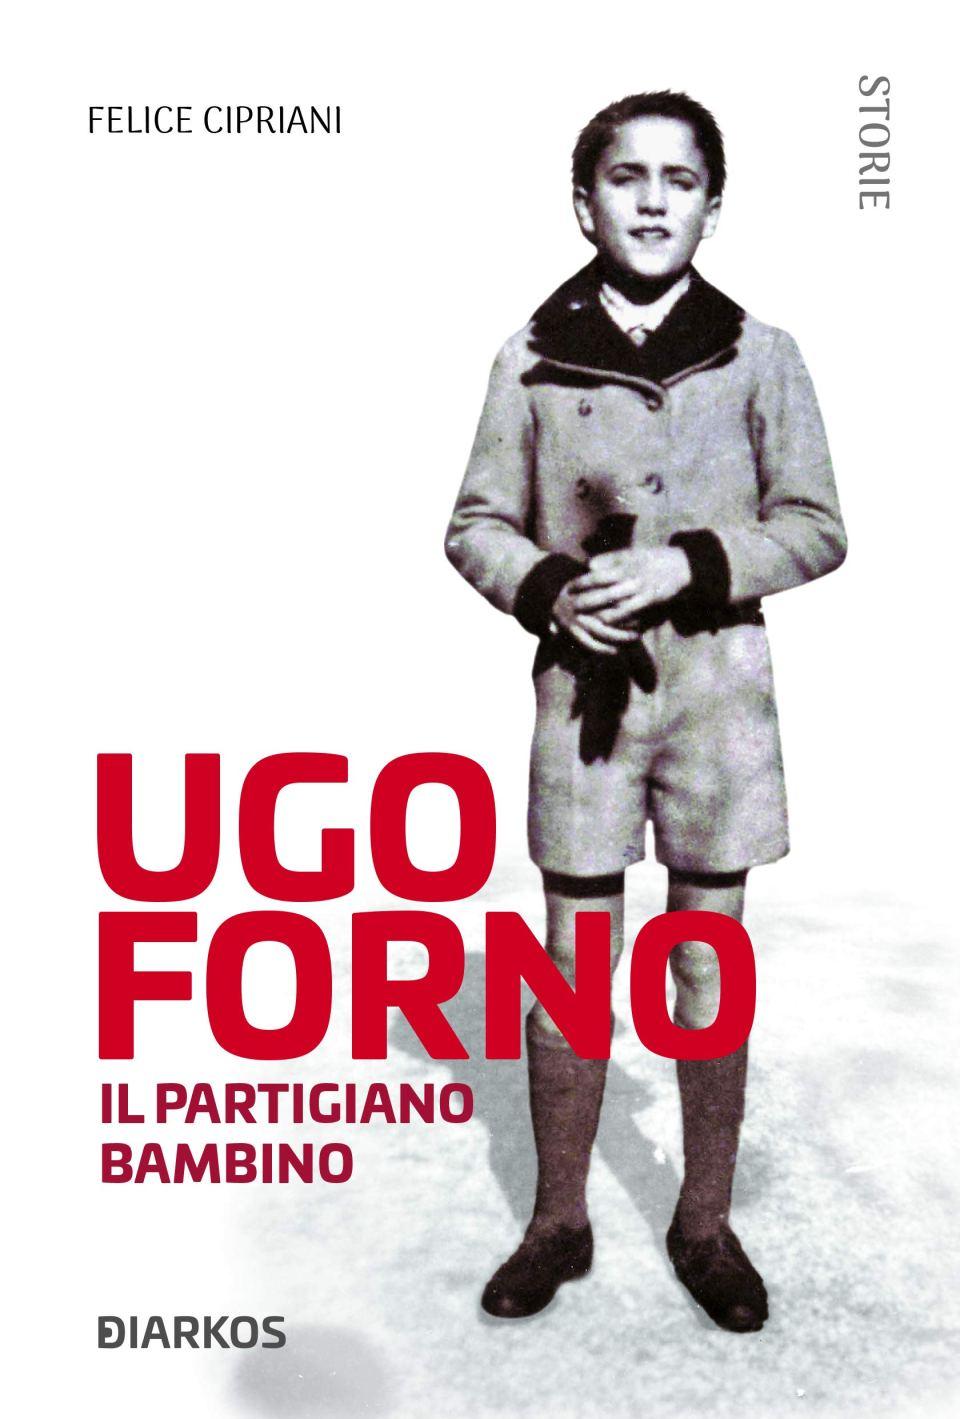 UGO FORNO. Il partigiano bambino Book Cover